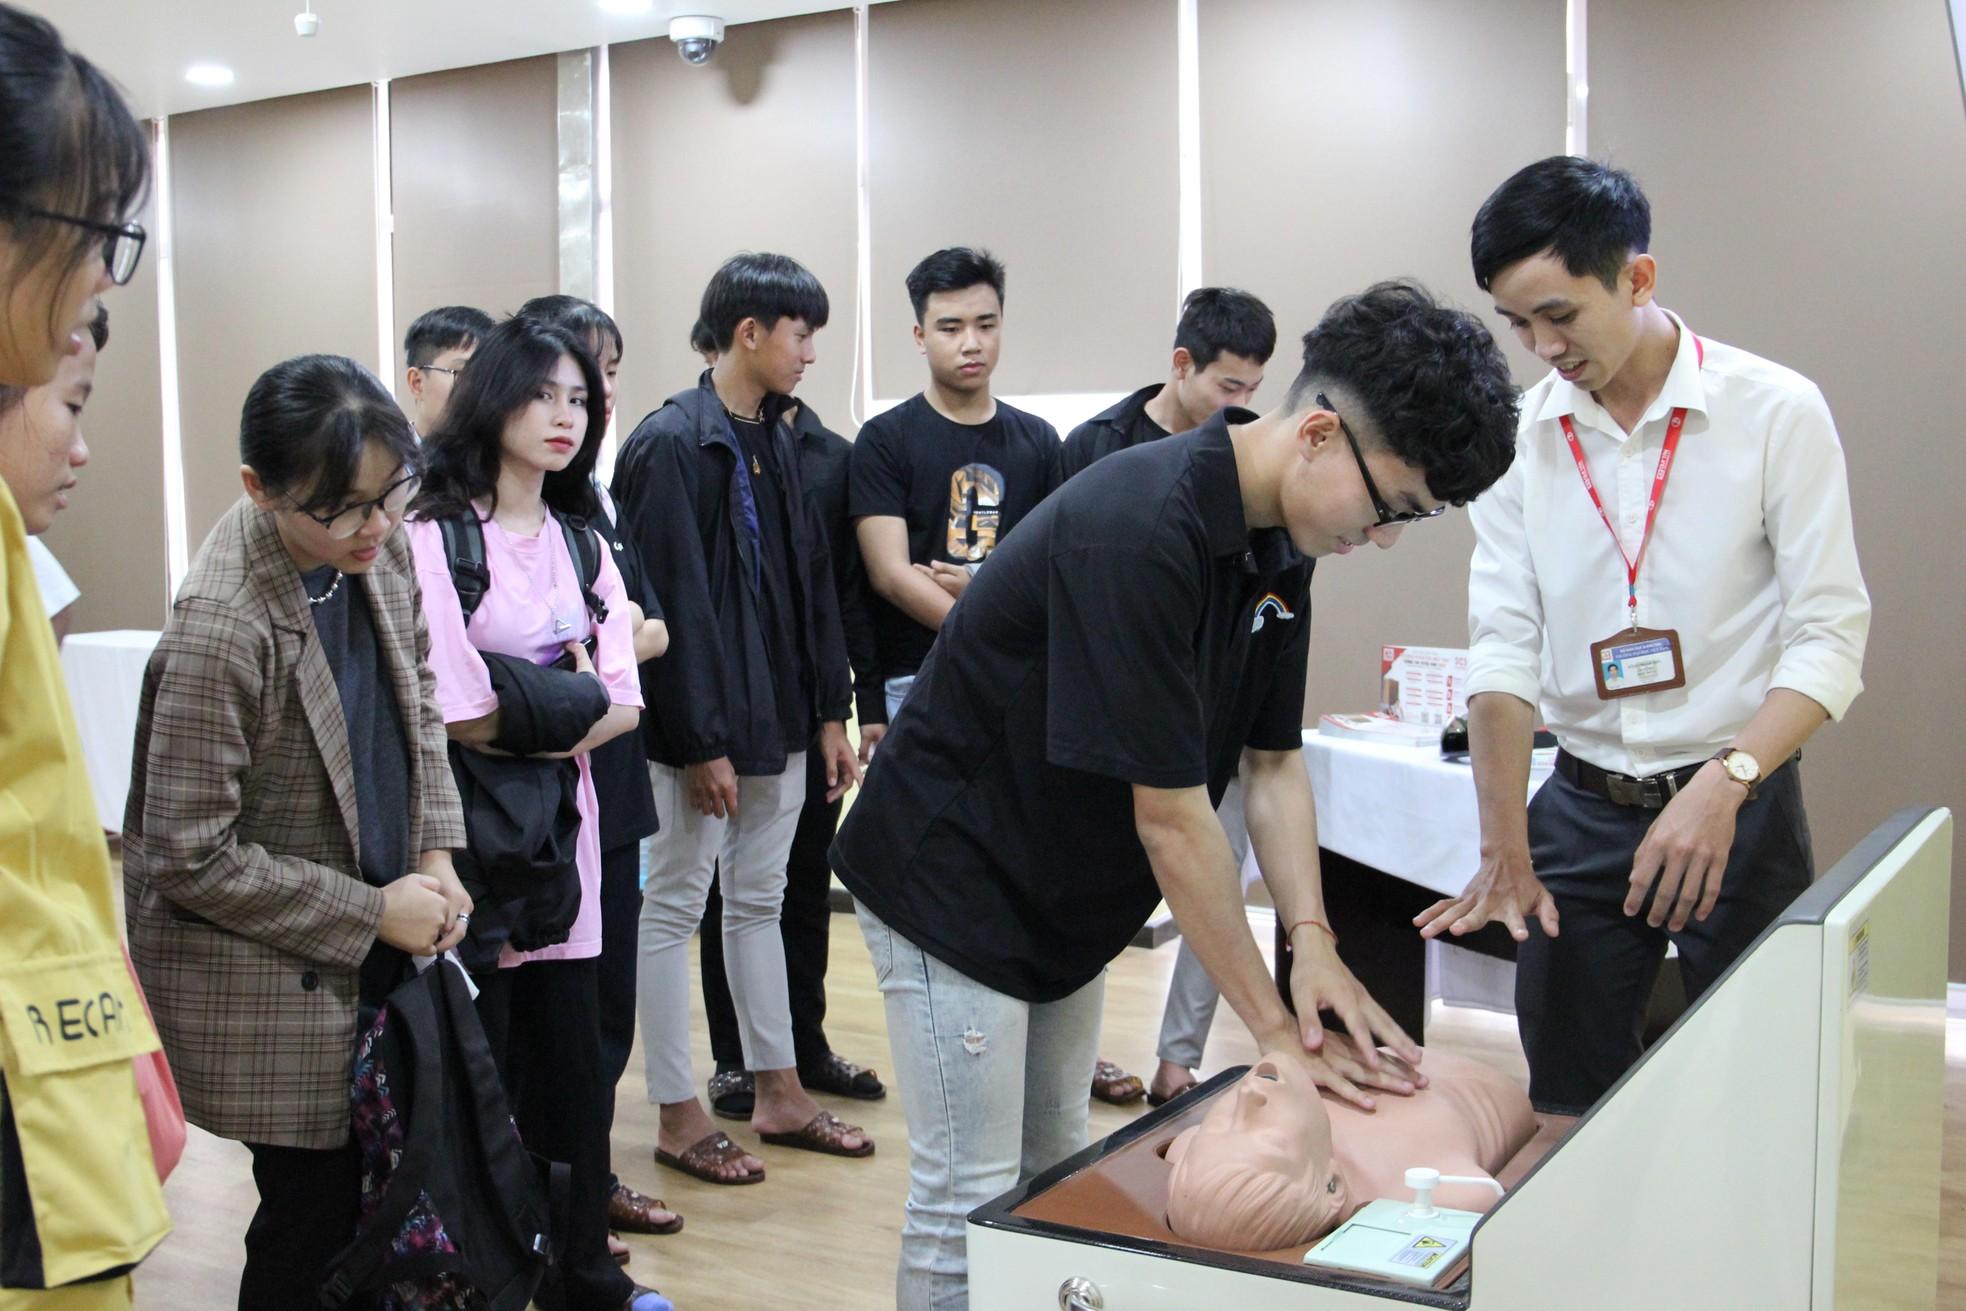 Khởi động hành trình chuyến xe khởi nghiệp ở Đà Nẵng ảnh 8